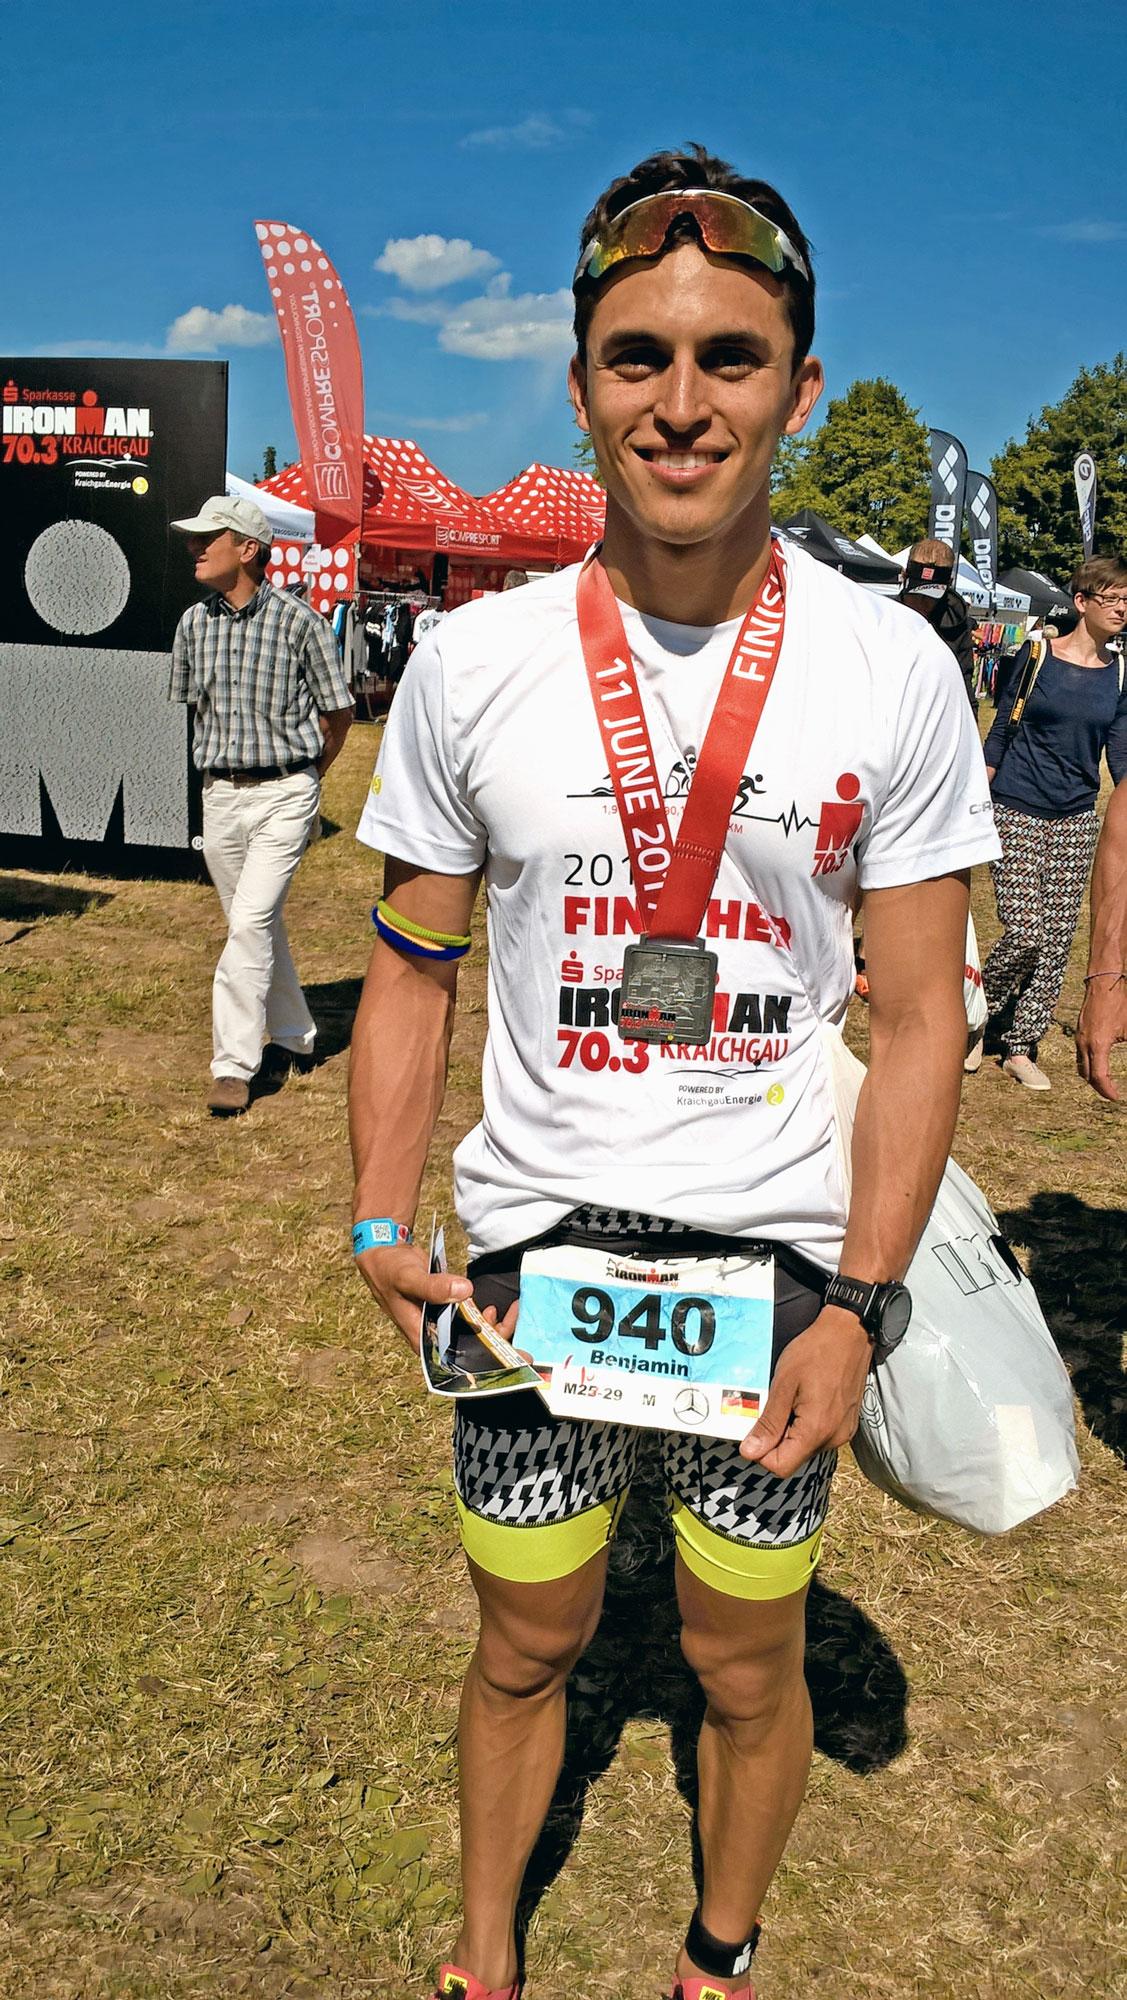 2017 - #10 Agegroup finish Ironman 70.3 Kraichgau